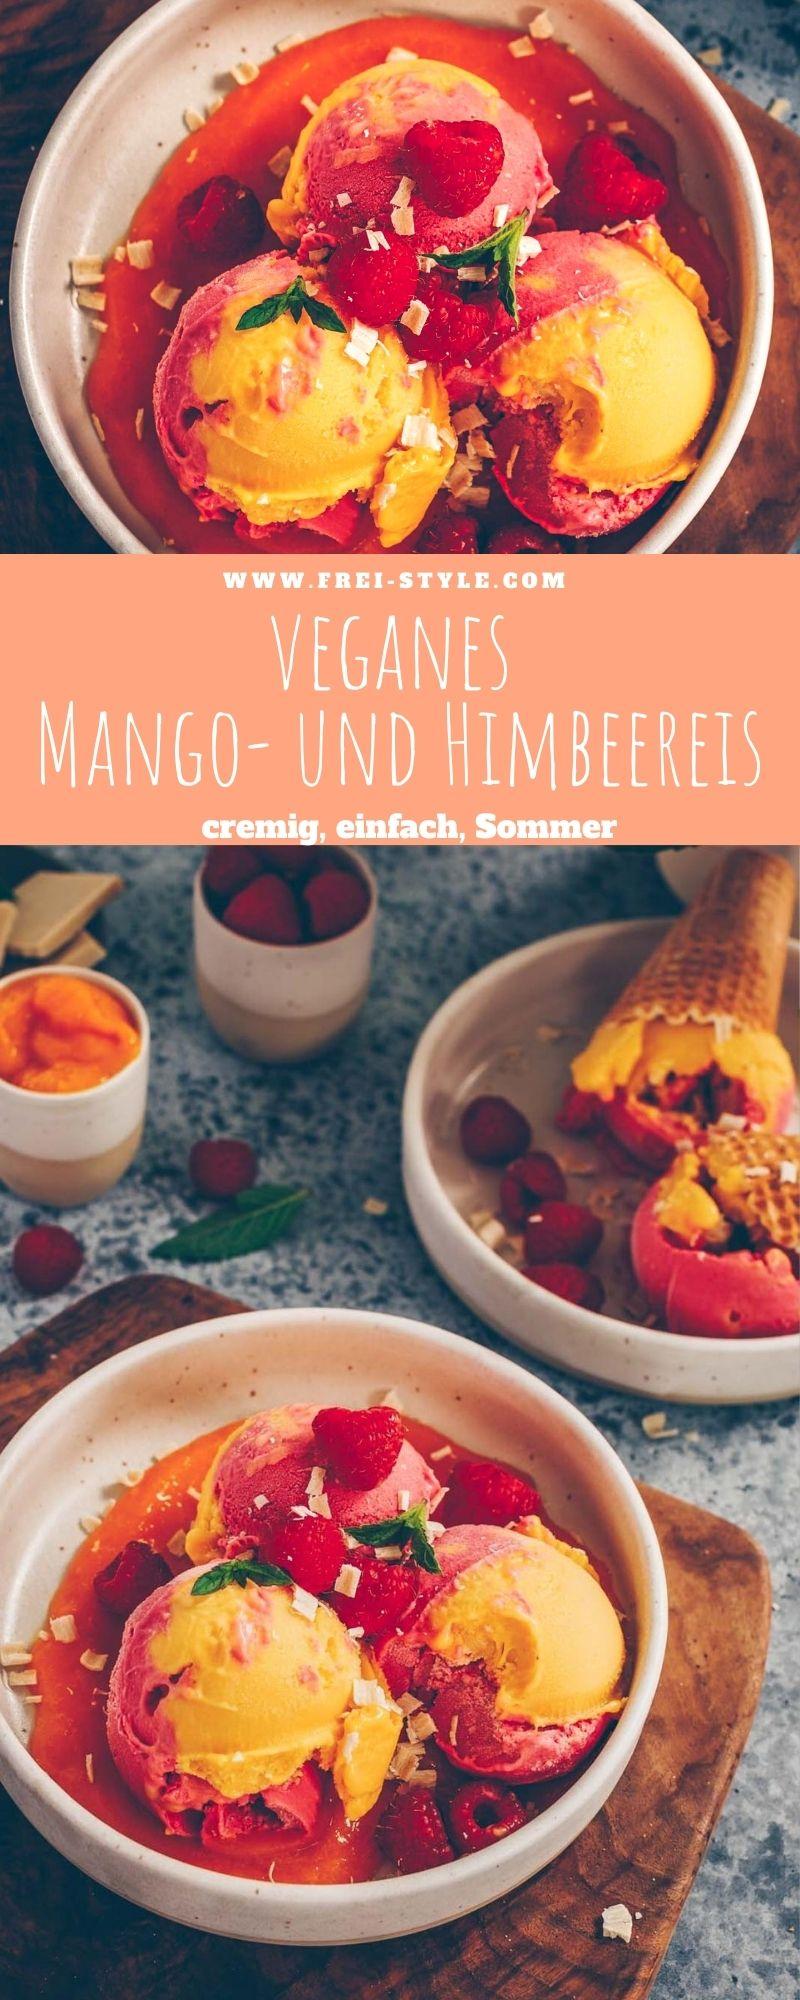 Veganes Mango- und Himbeereis